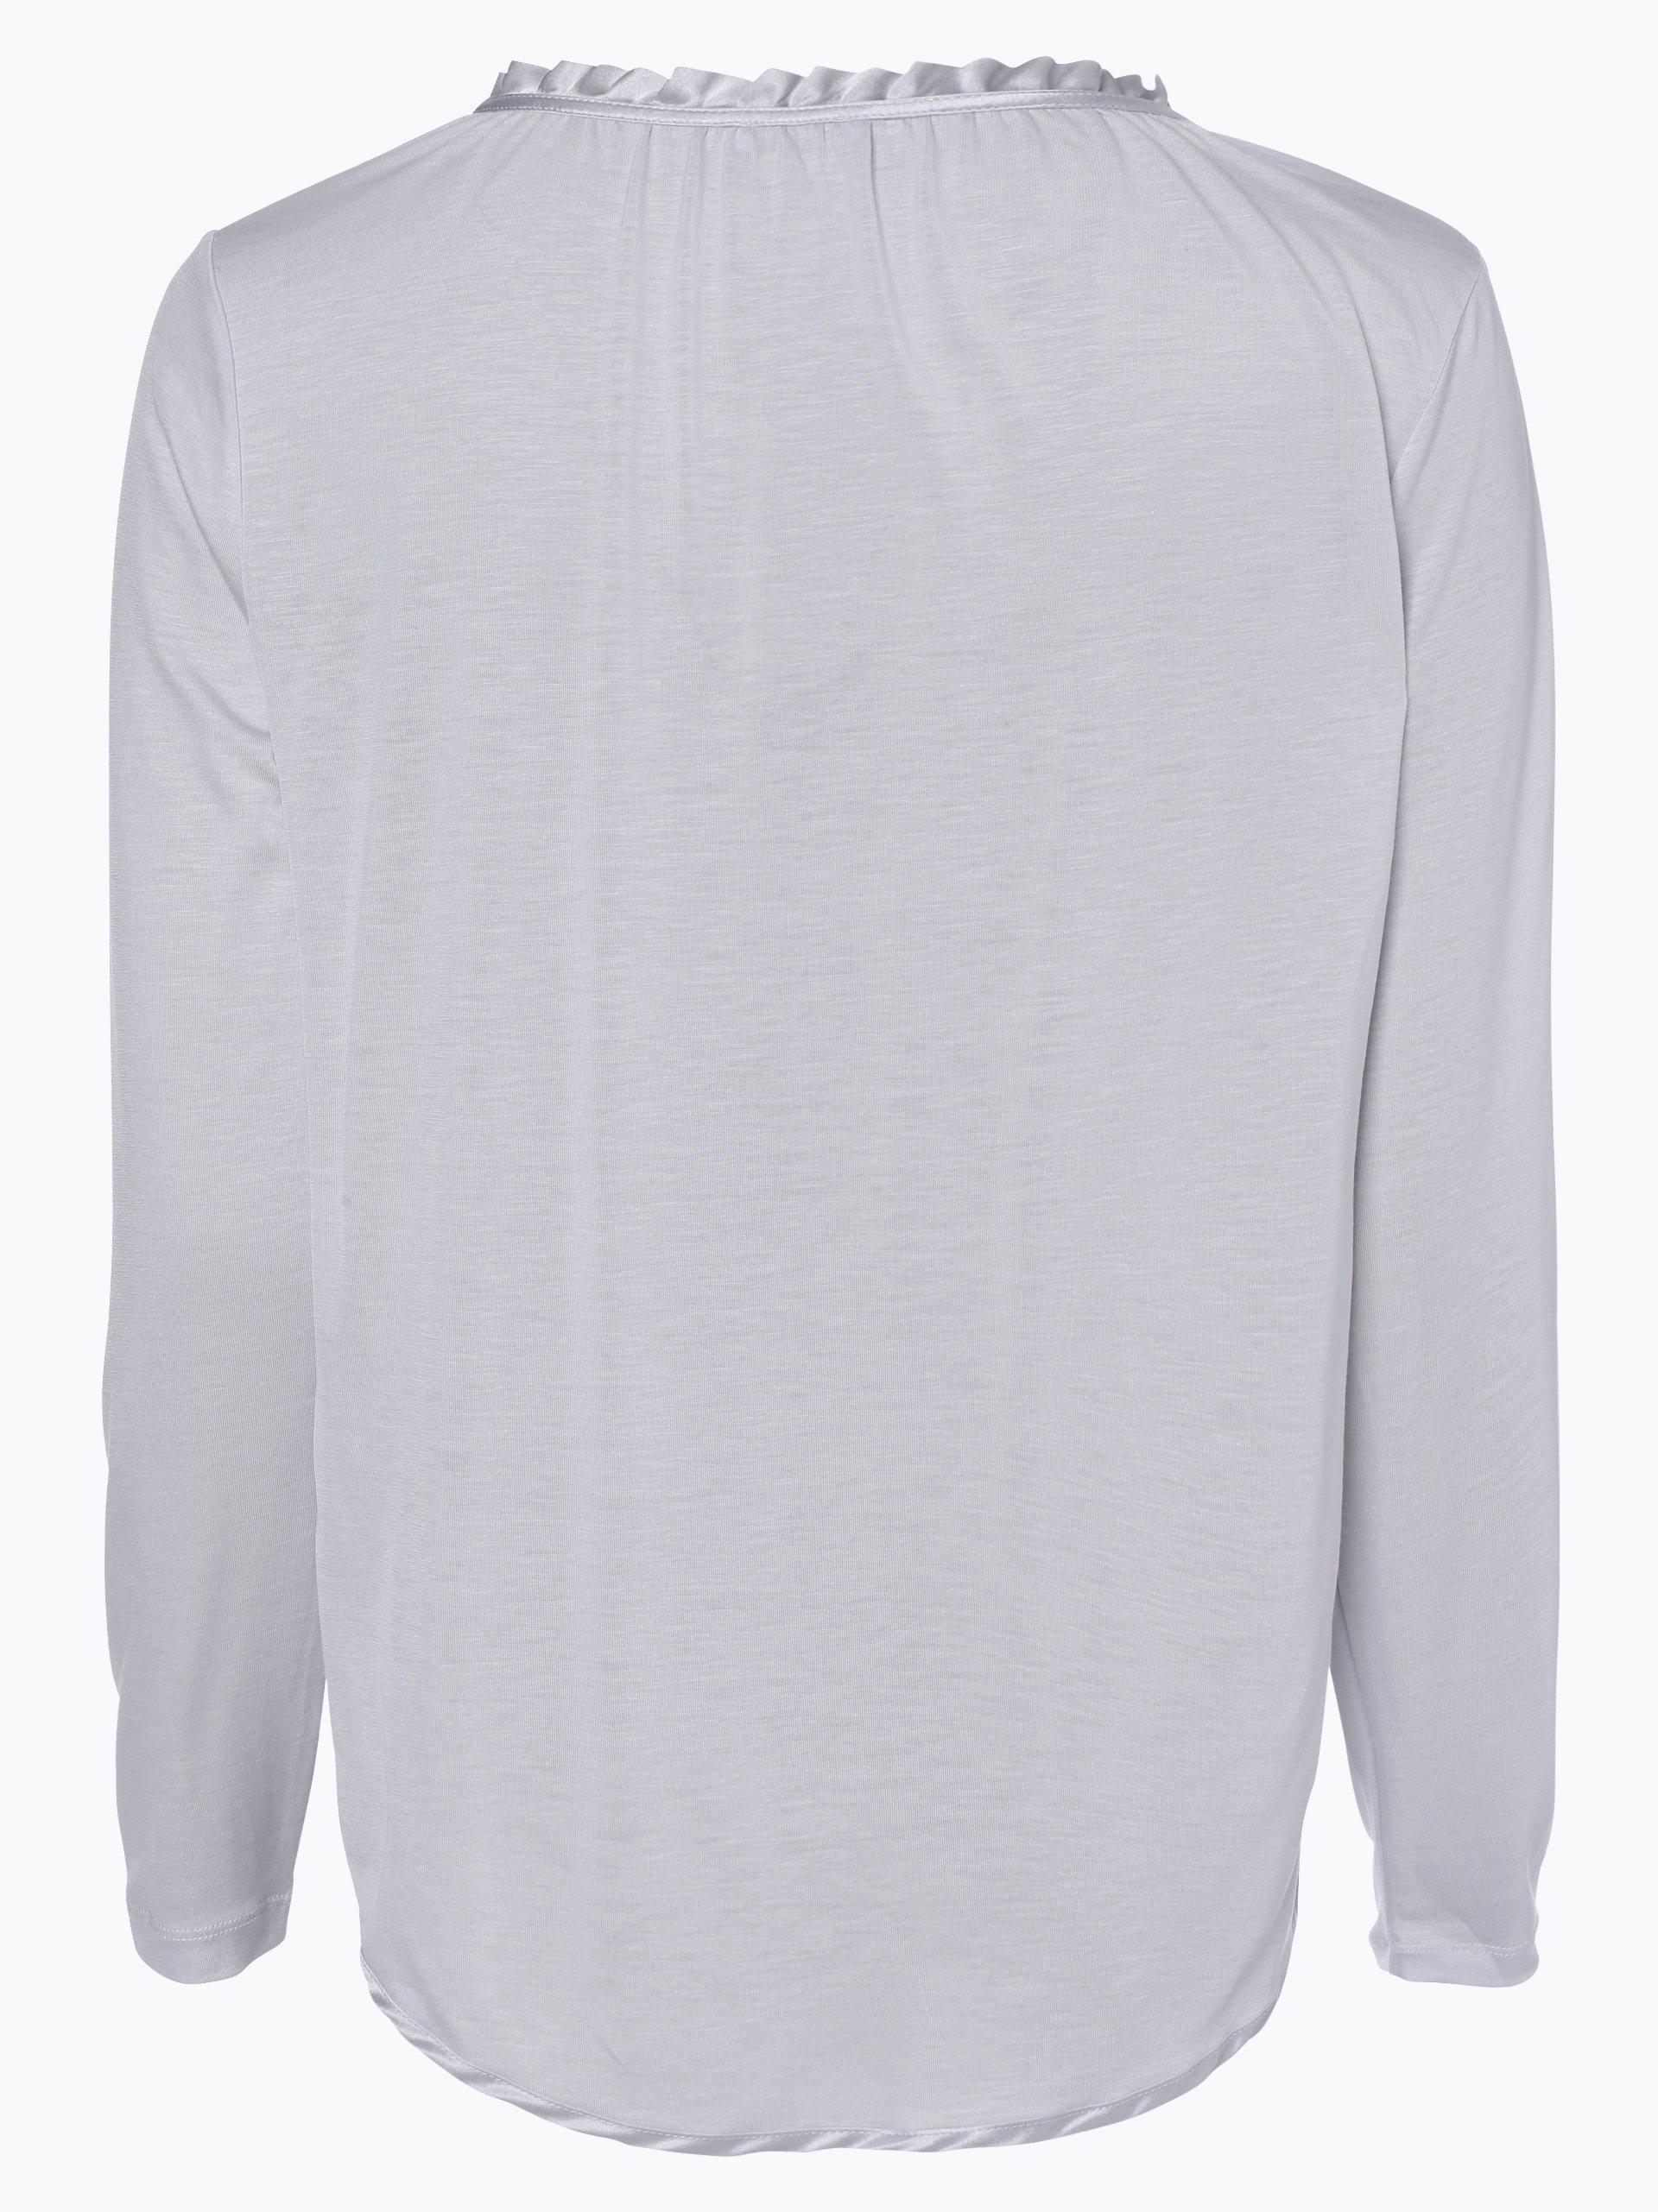 iheart Damska koszulka z długim rękawem z domieszką jedwabiu